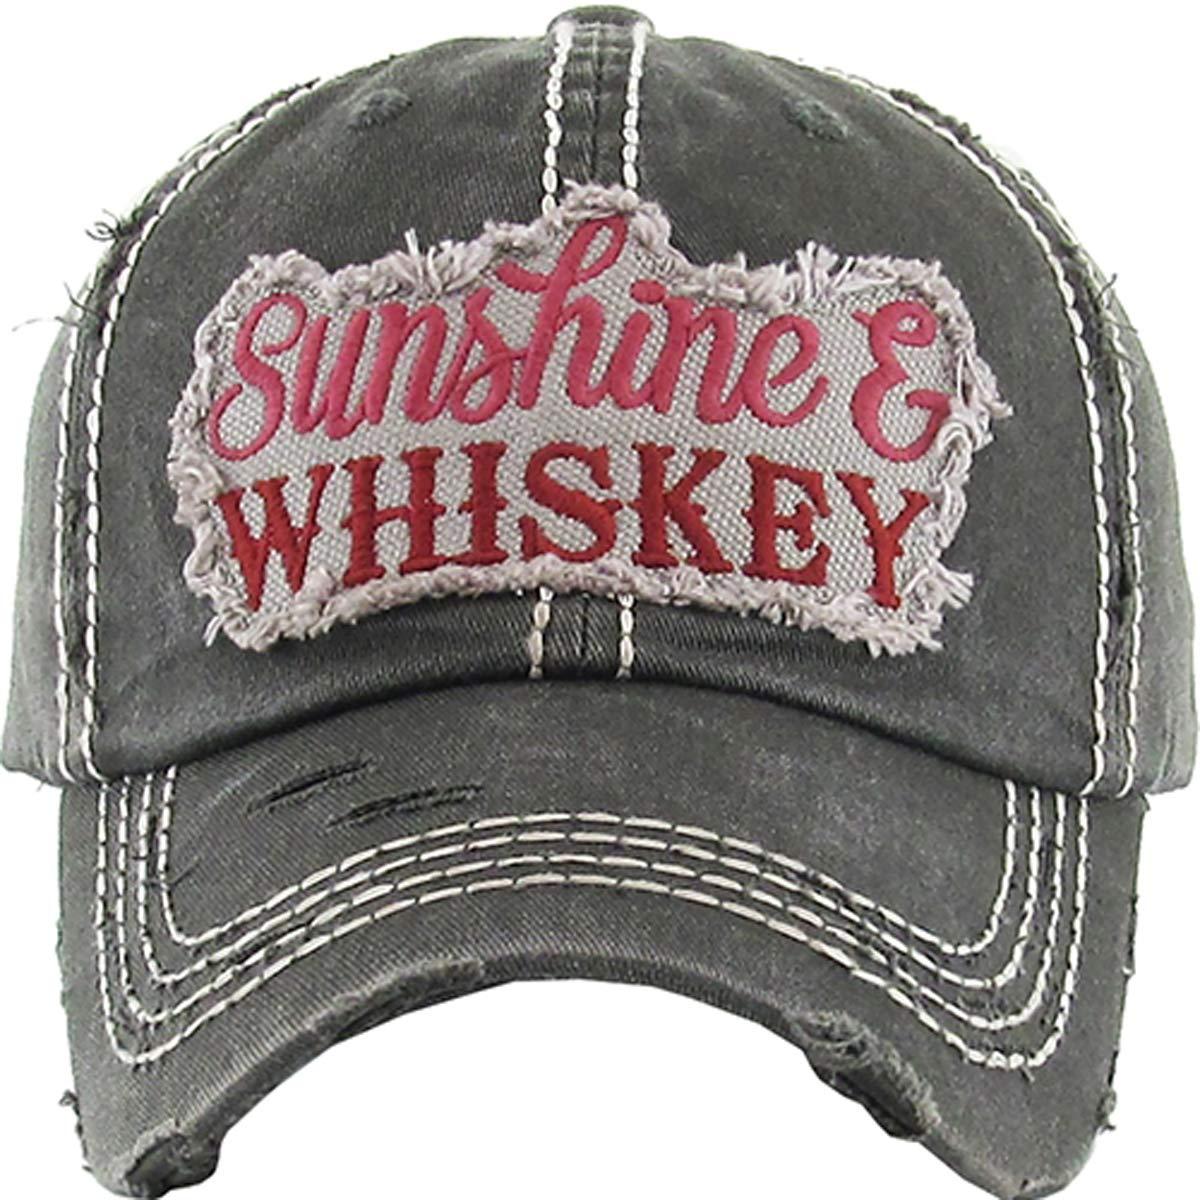 Kbethos Trading Women's Sunshine & Whiskey Vintage Baseball Hat Cap (Black)